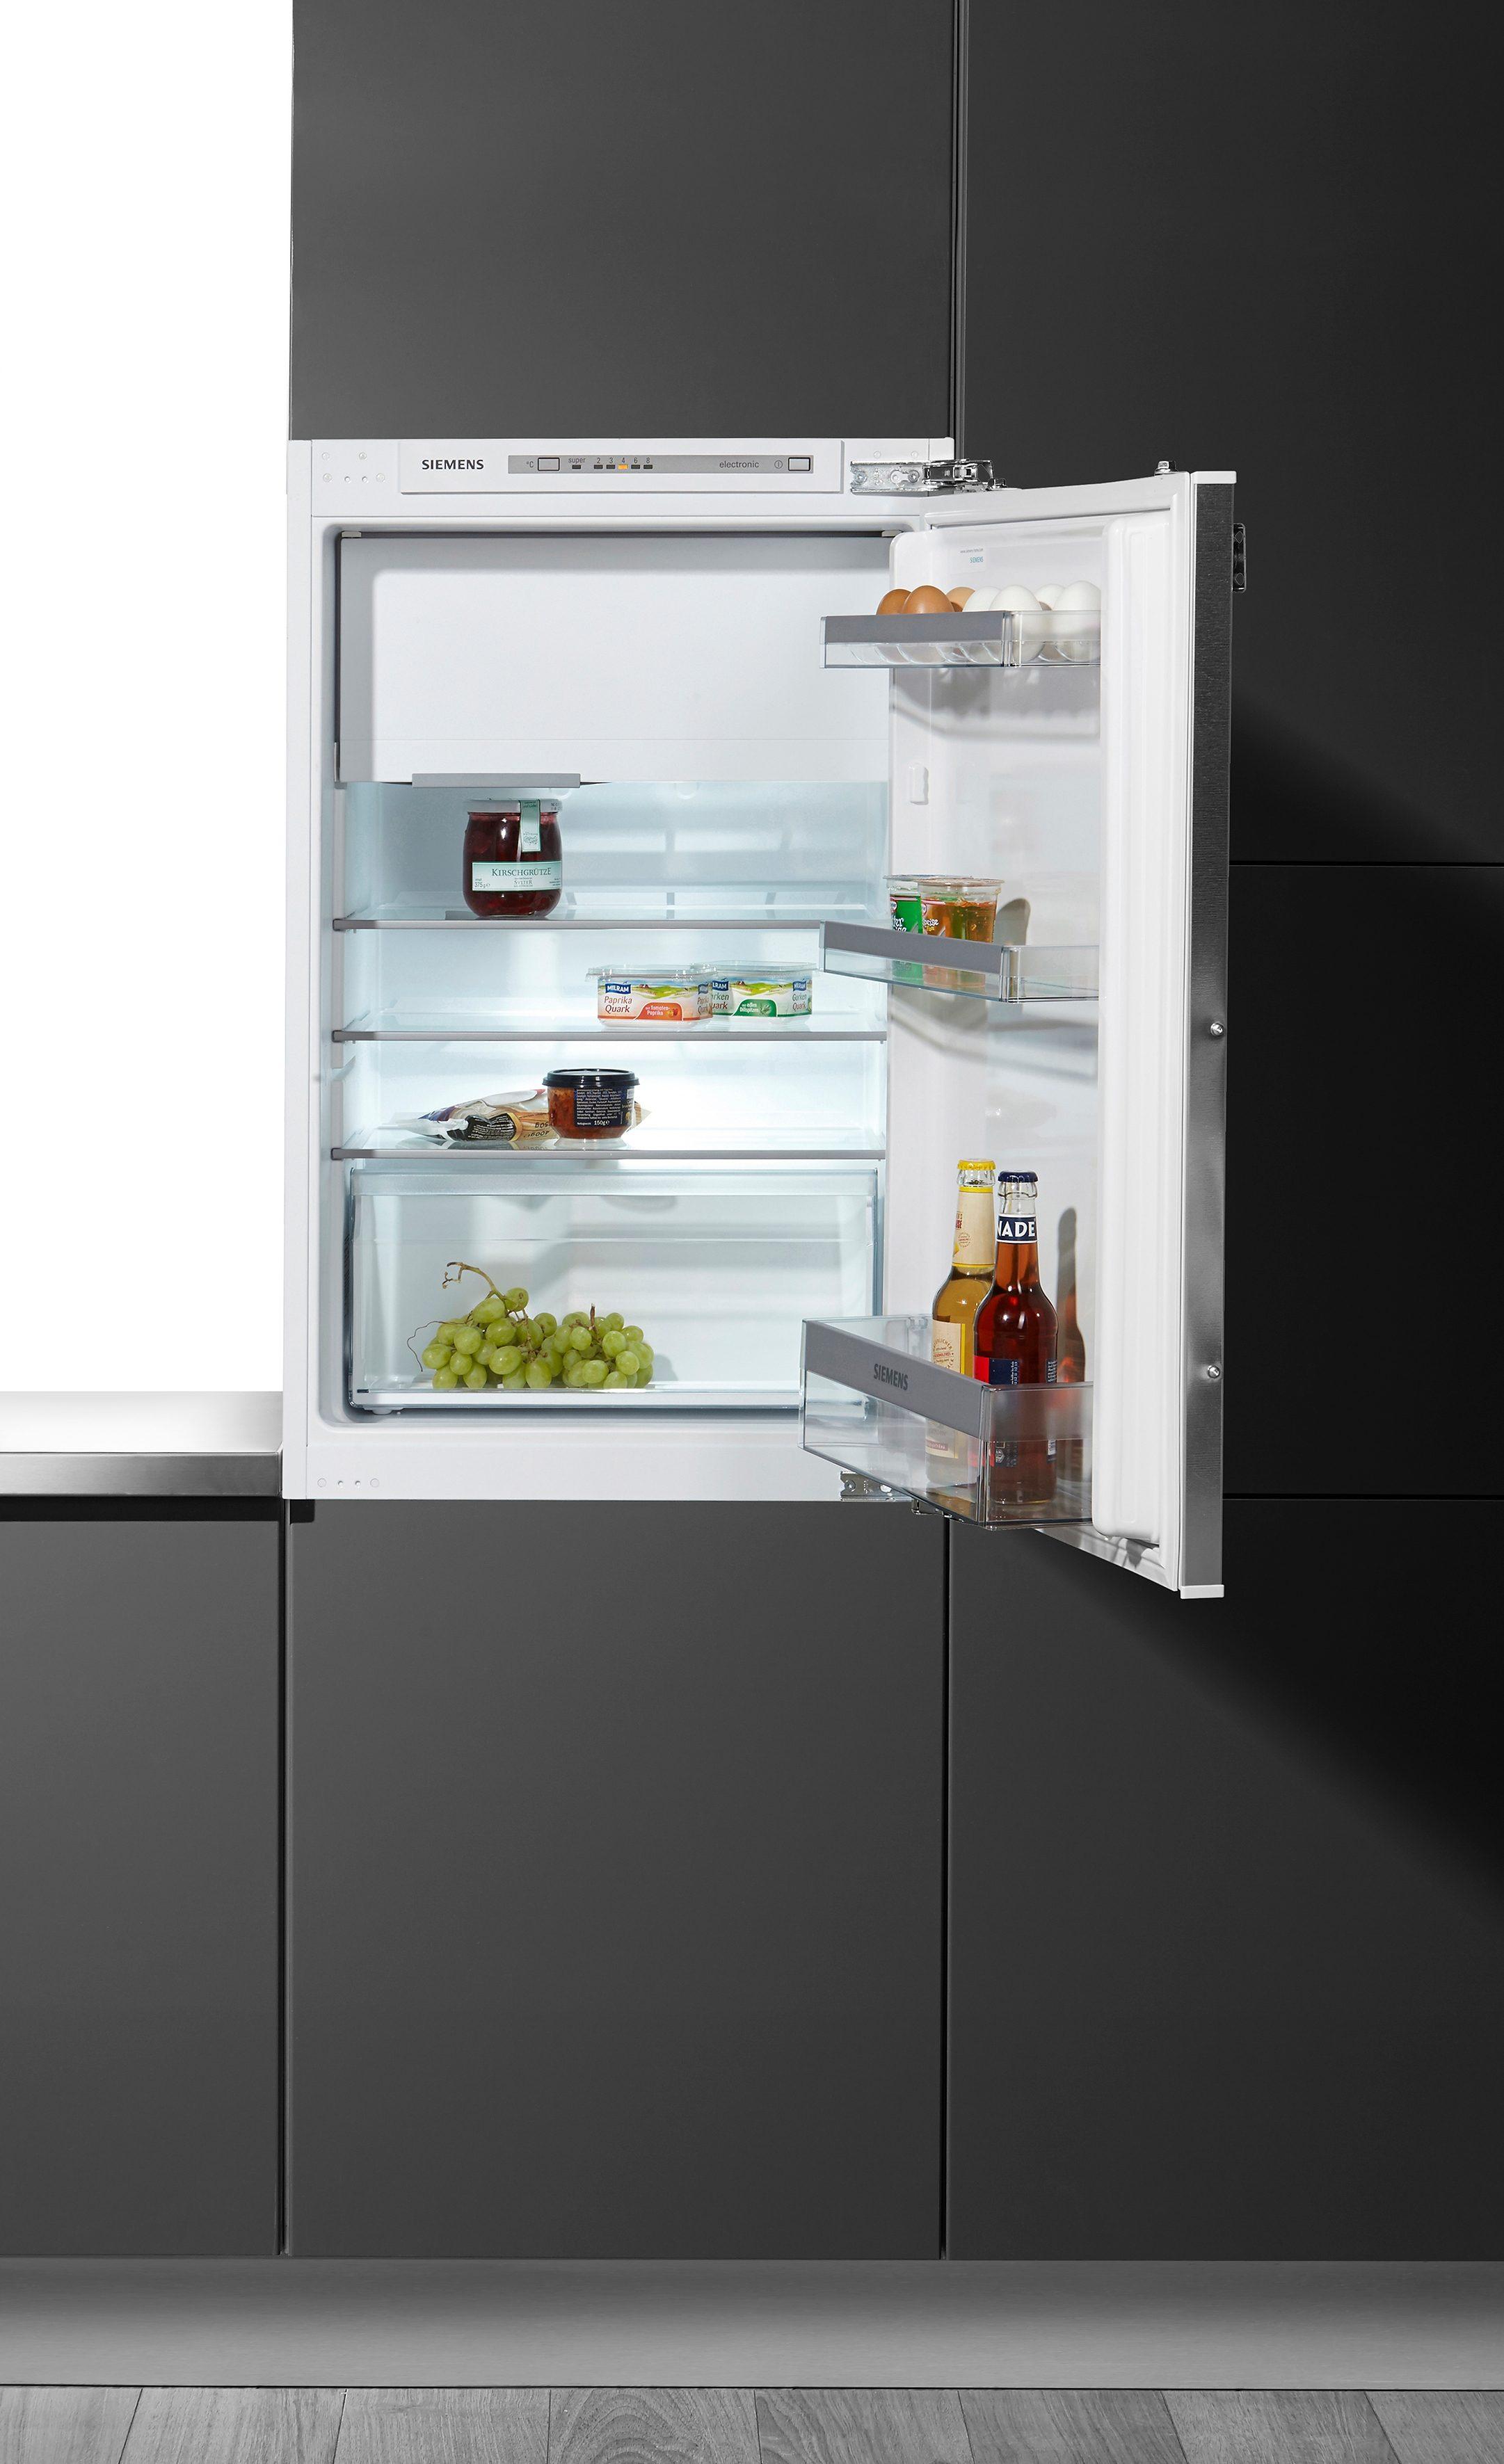 SIEMENS Einbaukühlschrank KI22LVF30, 87,4 cm hoch, 54,1 cm breit, A++, 87,4 cm hoch